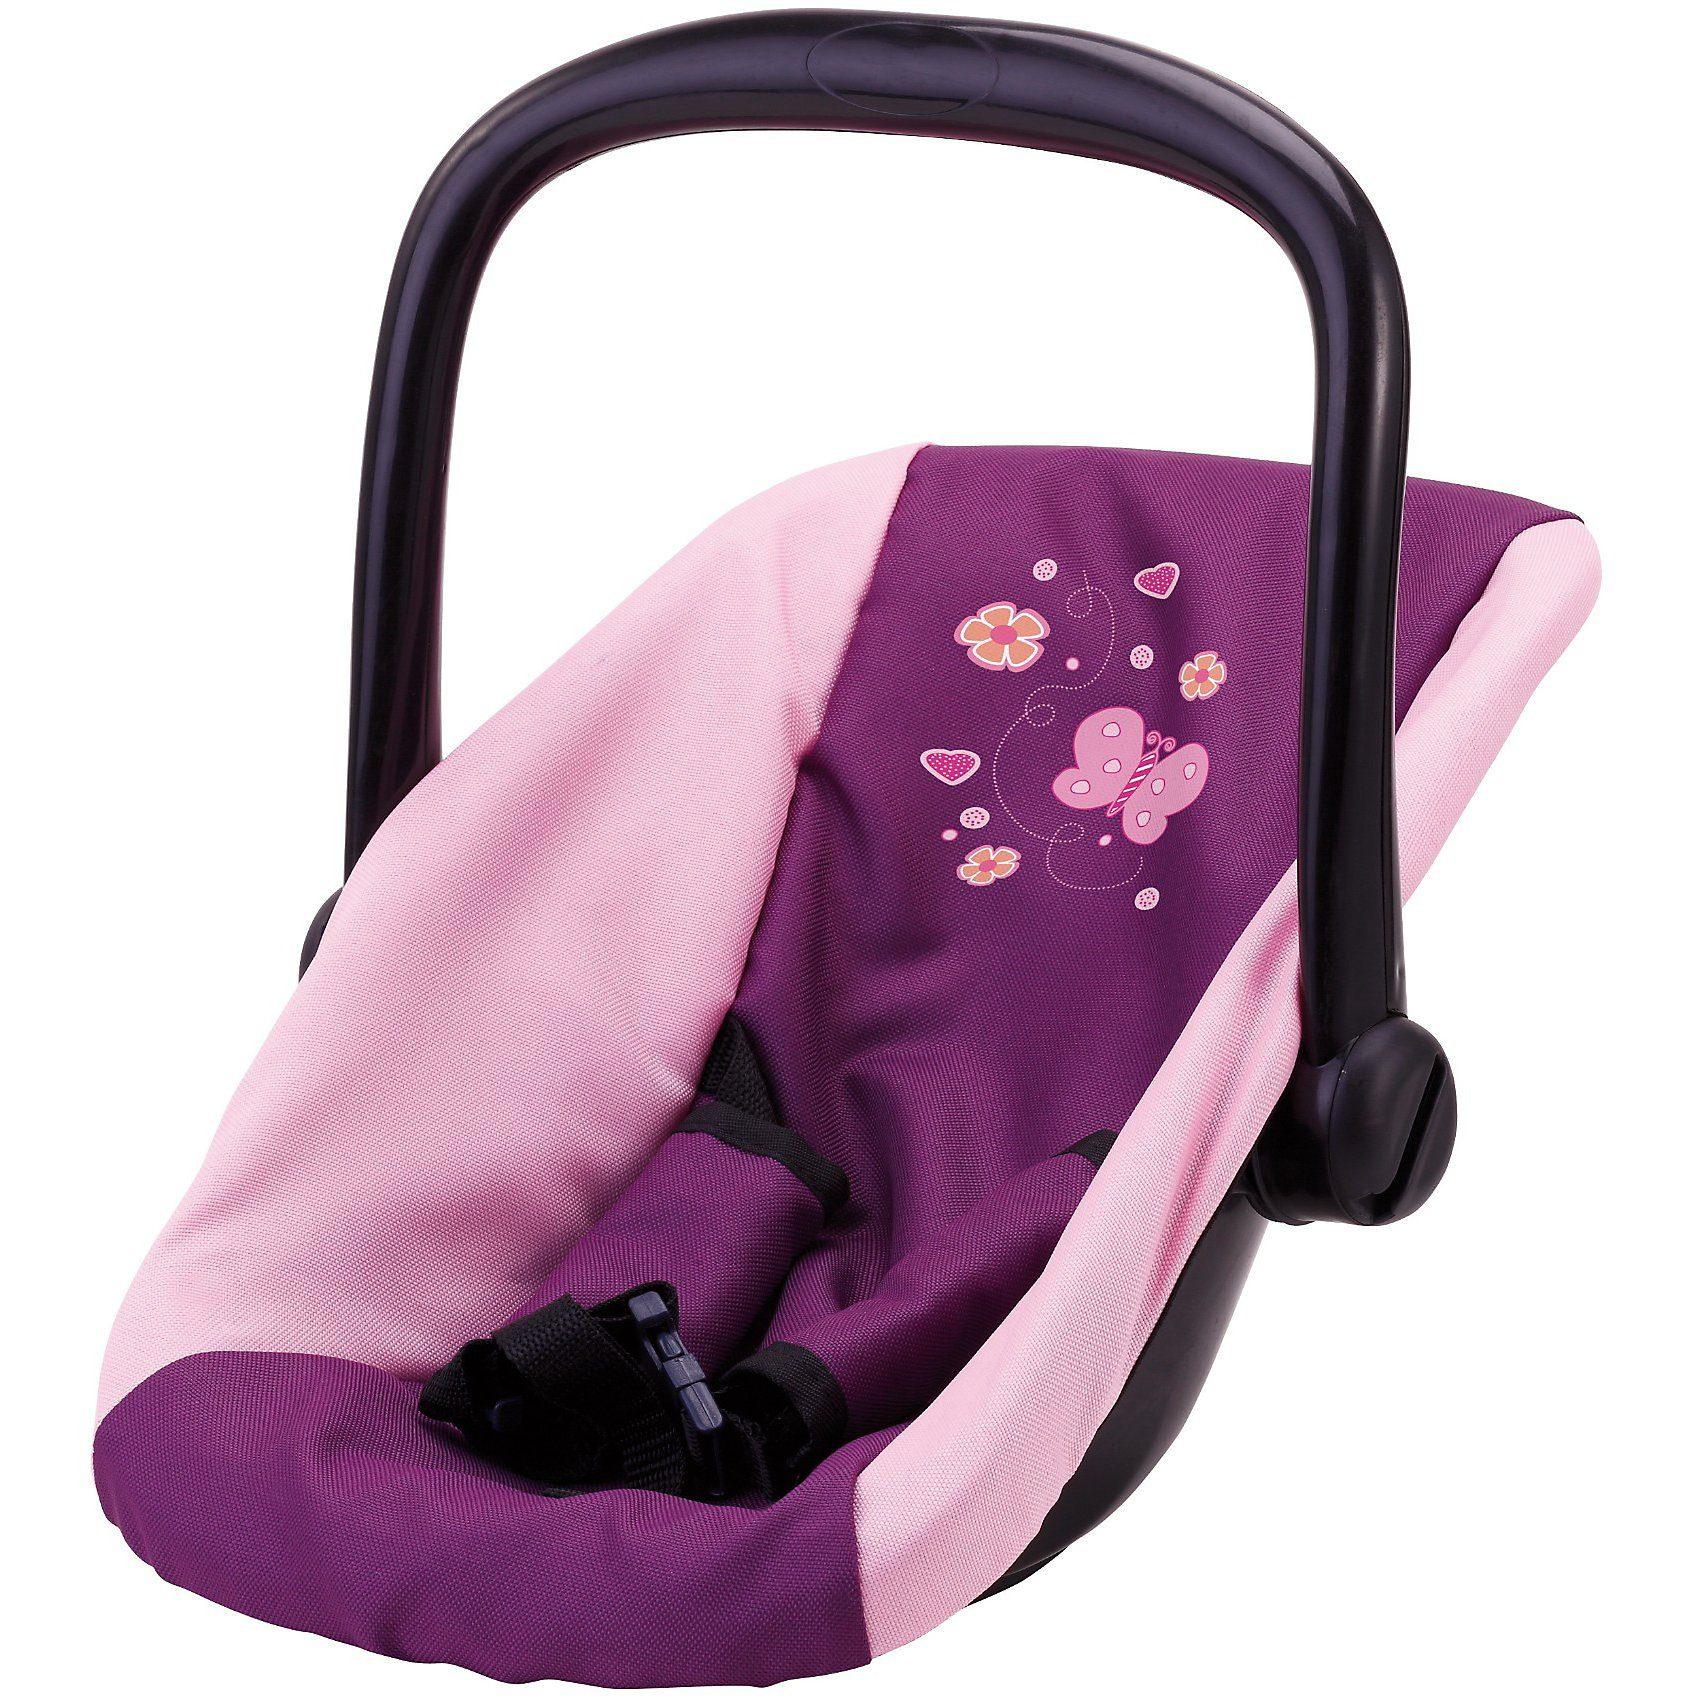 BAYER Puppenzubehör Autositz Schmetterling, lila-pink